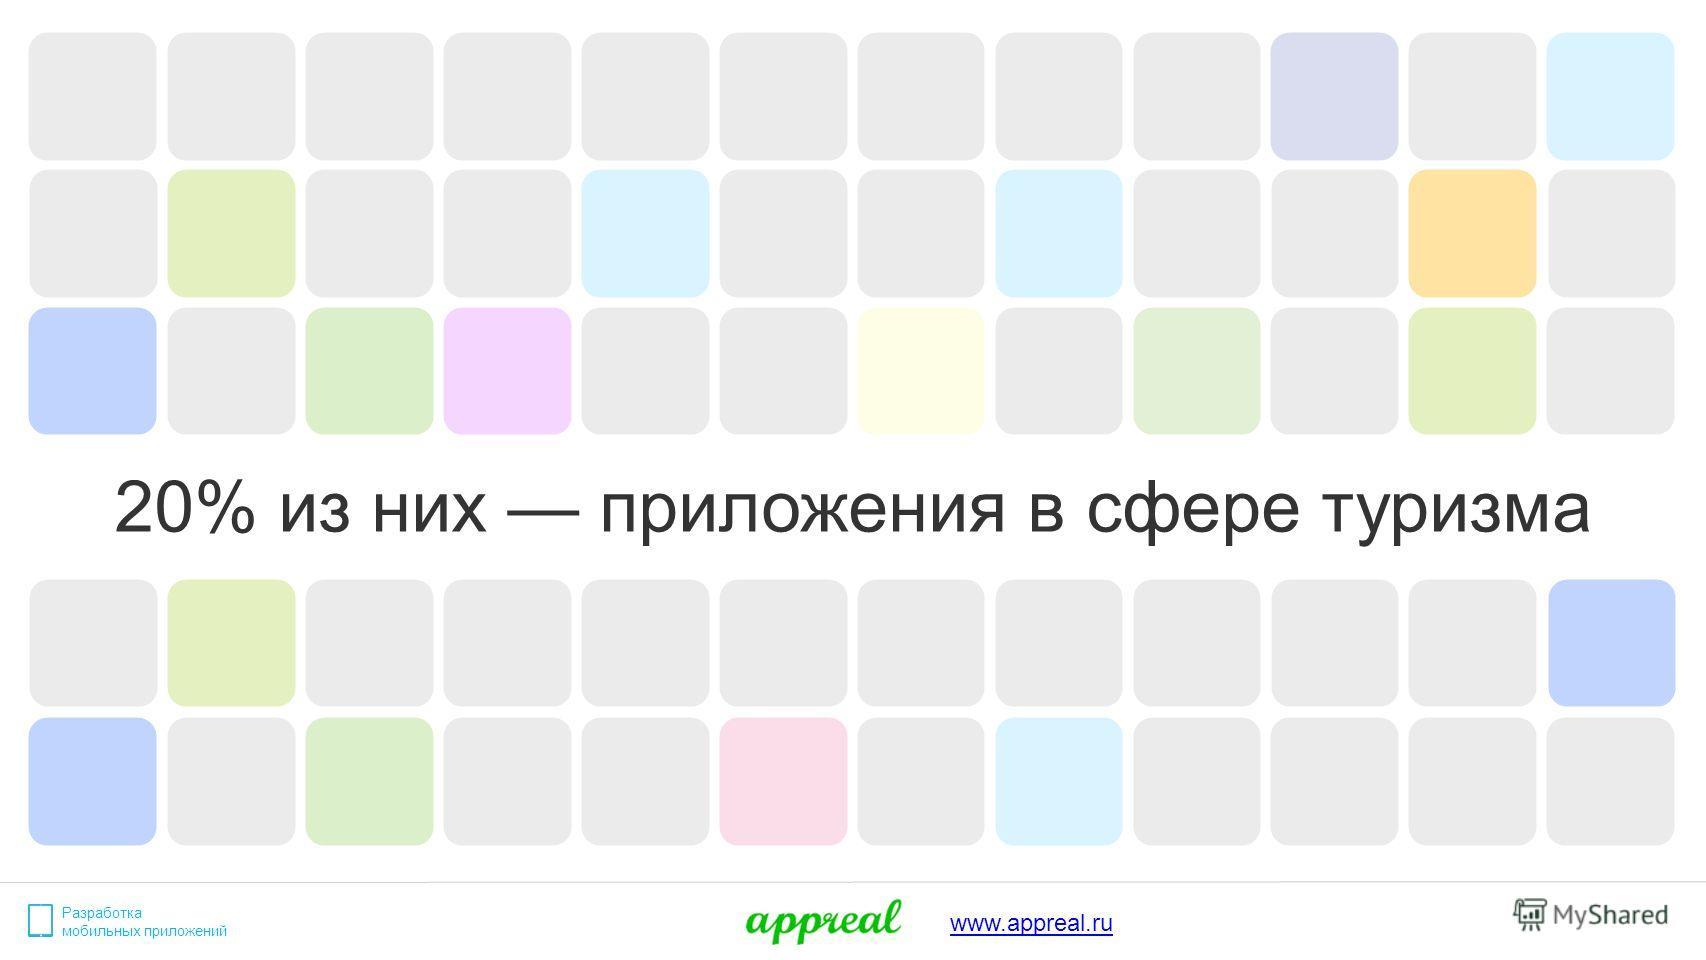 20% из них приложения в сфере туризма Разработка мобильных приложений www.appreal.ru